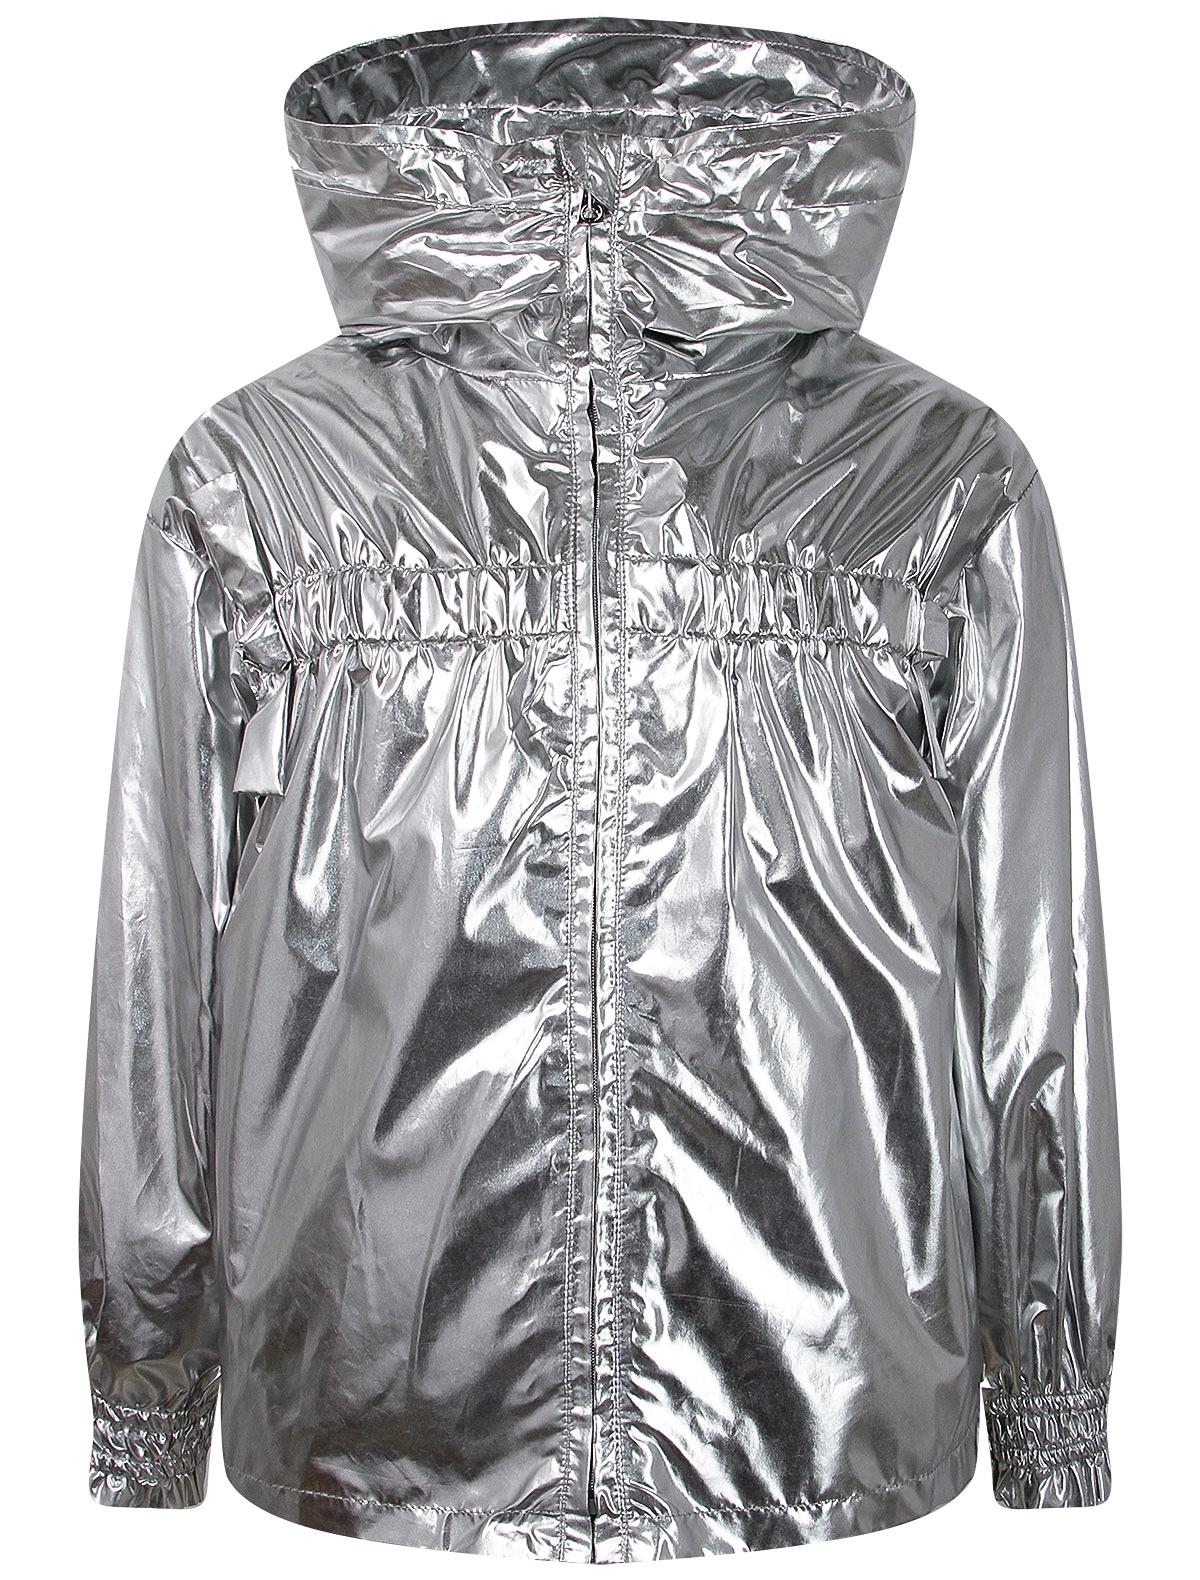 Купить 2292637, Куртка Mayoral, разноцветный, Женский, 1074509171508